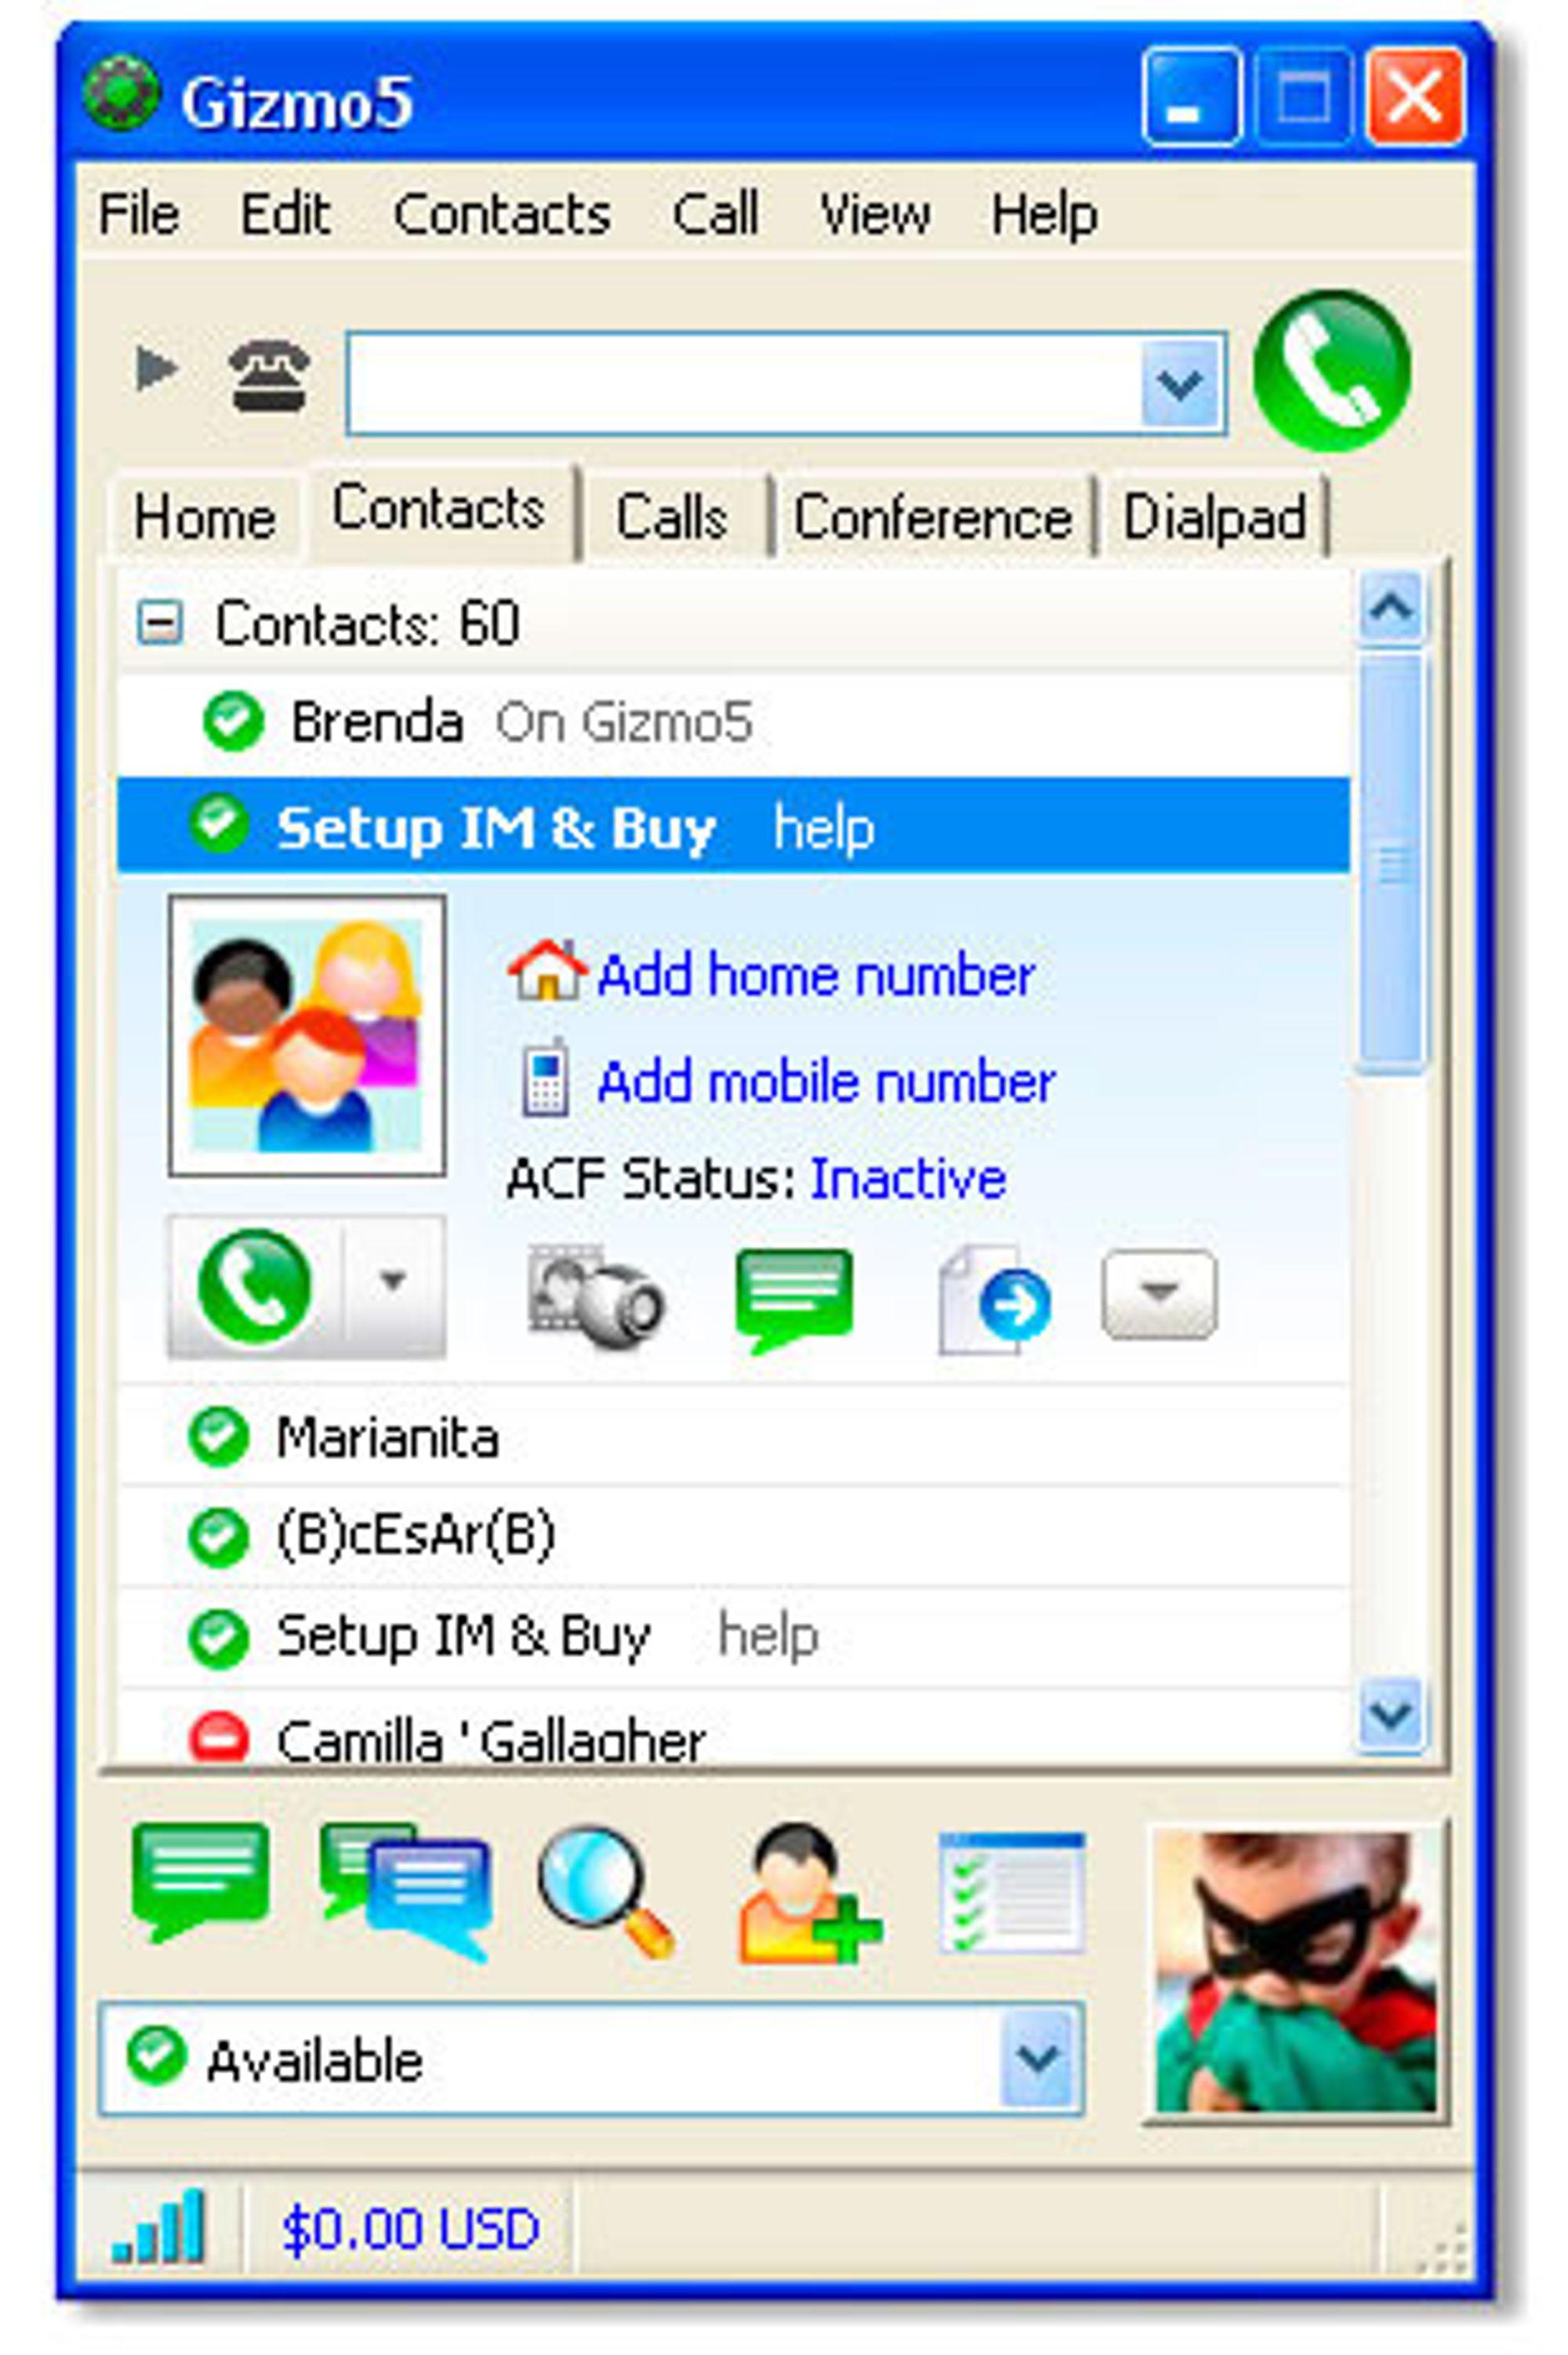 Gizmo5 fungerer prinsipielt på samme måte som Skype, men anvender den åpne standarden SIP framfor en proprietær protokoll.